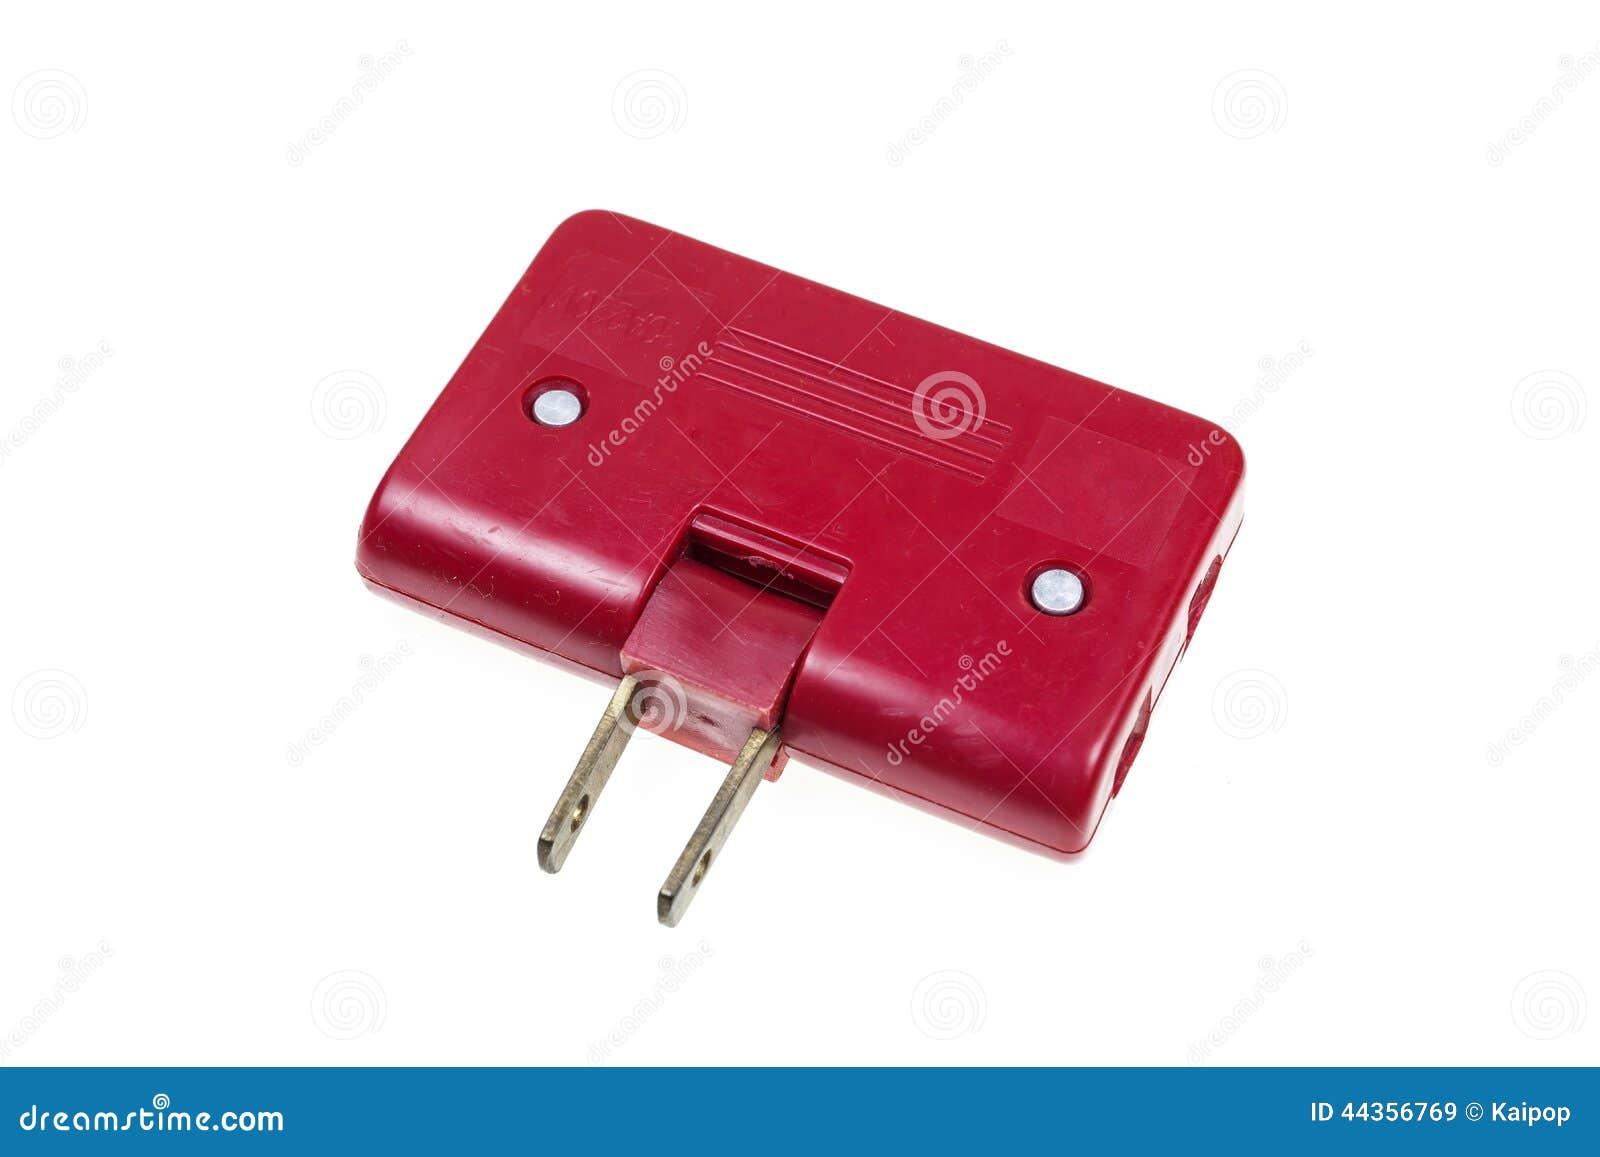 Spina elettrica rossa